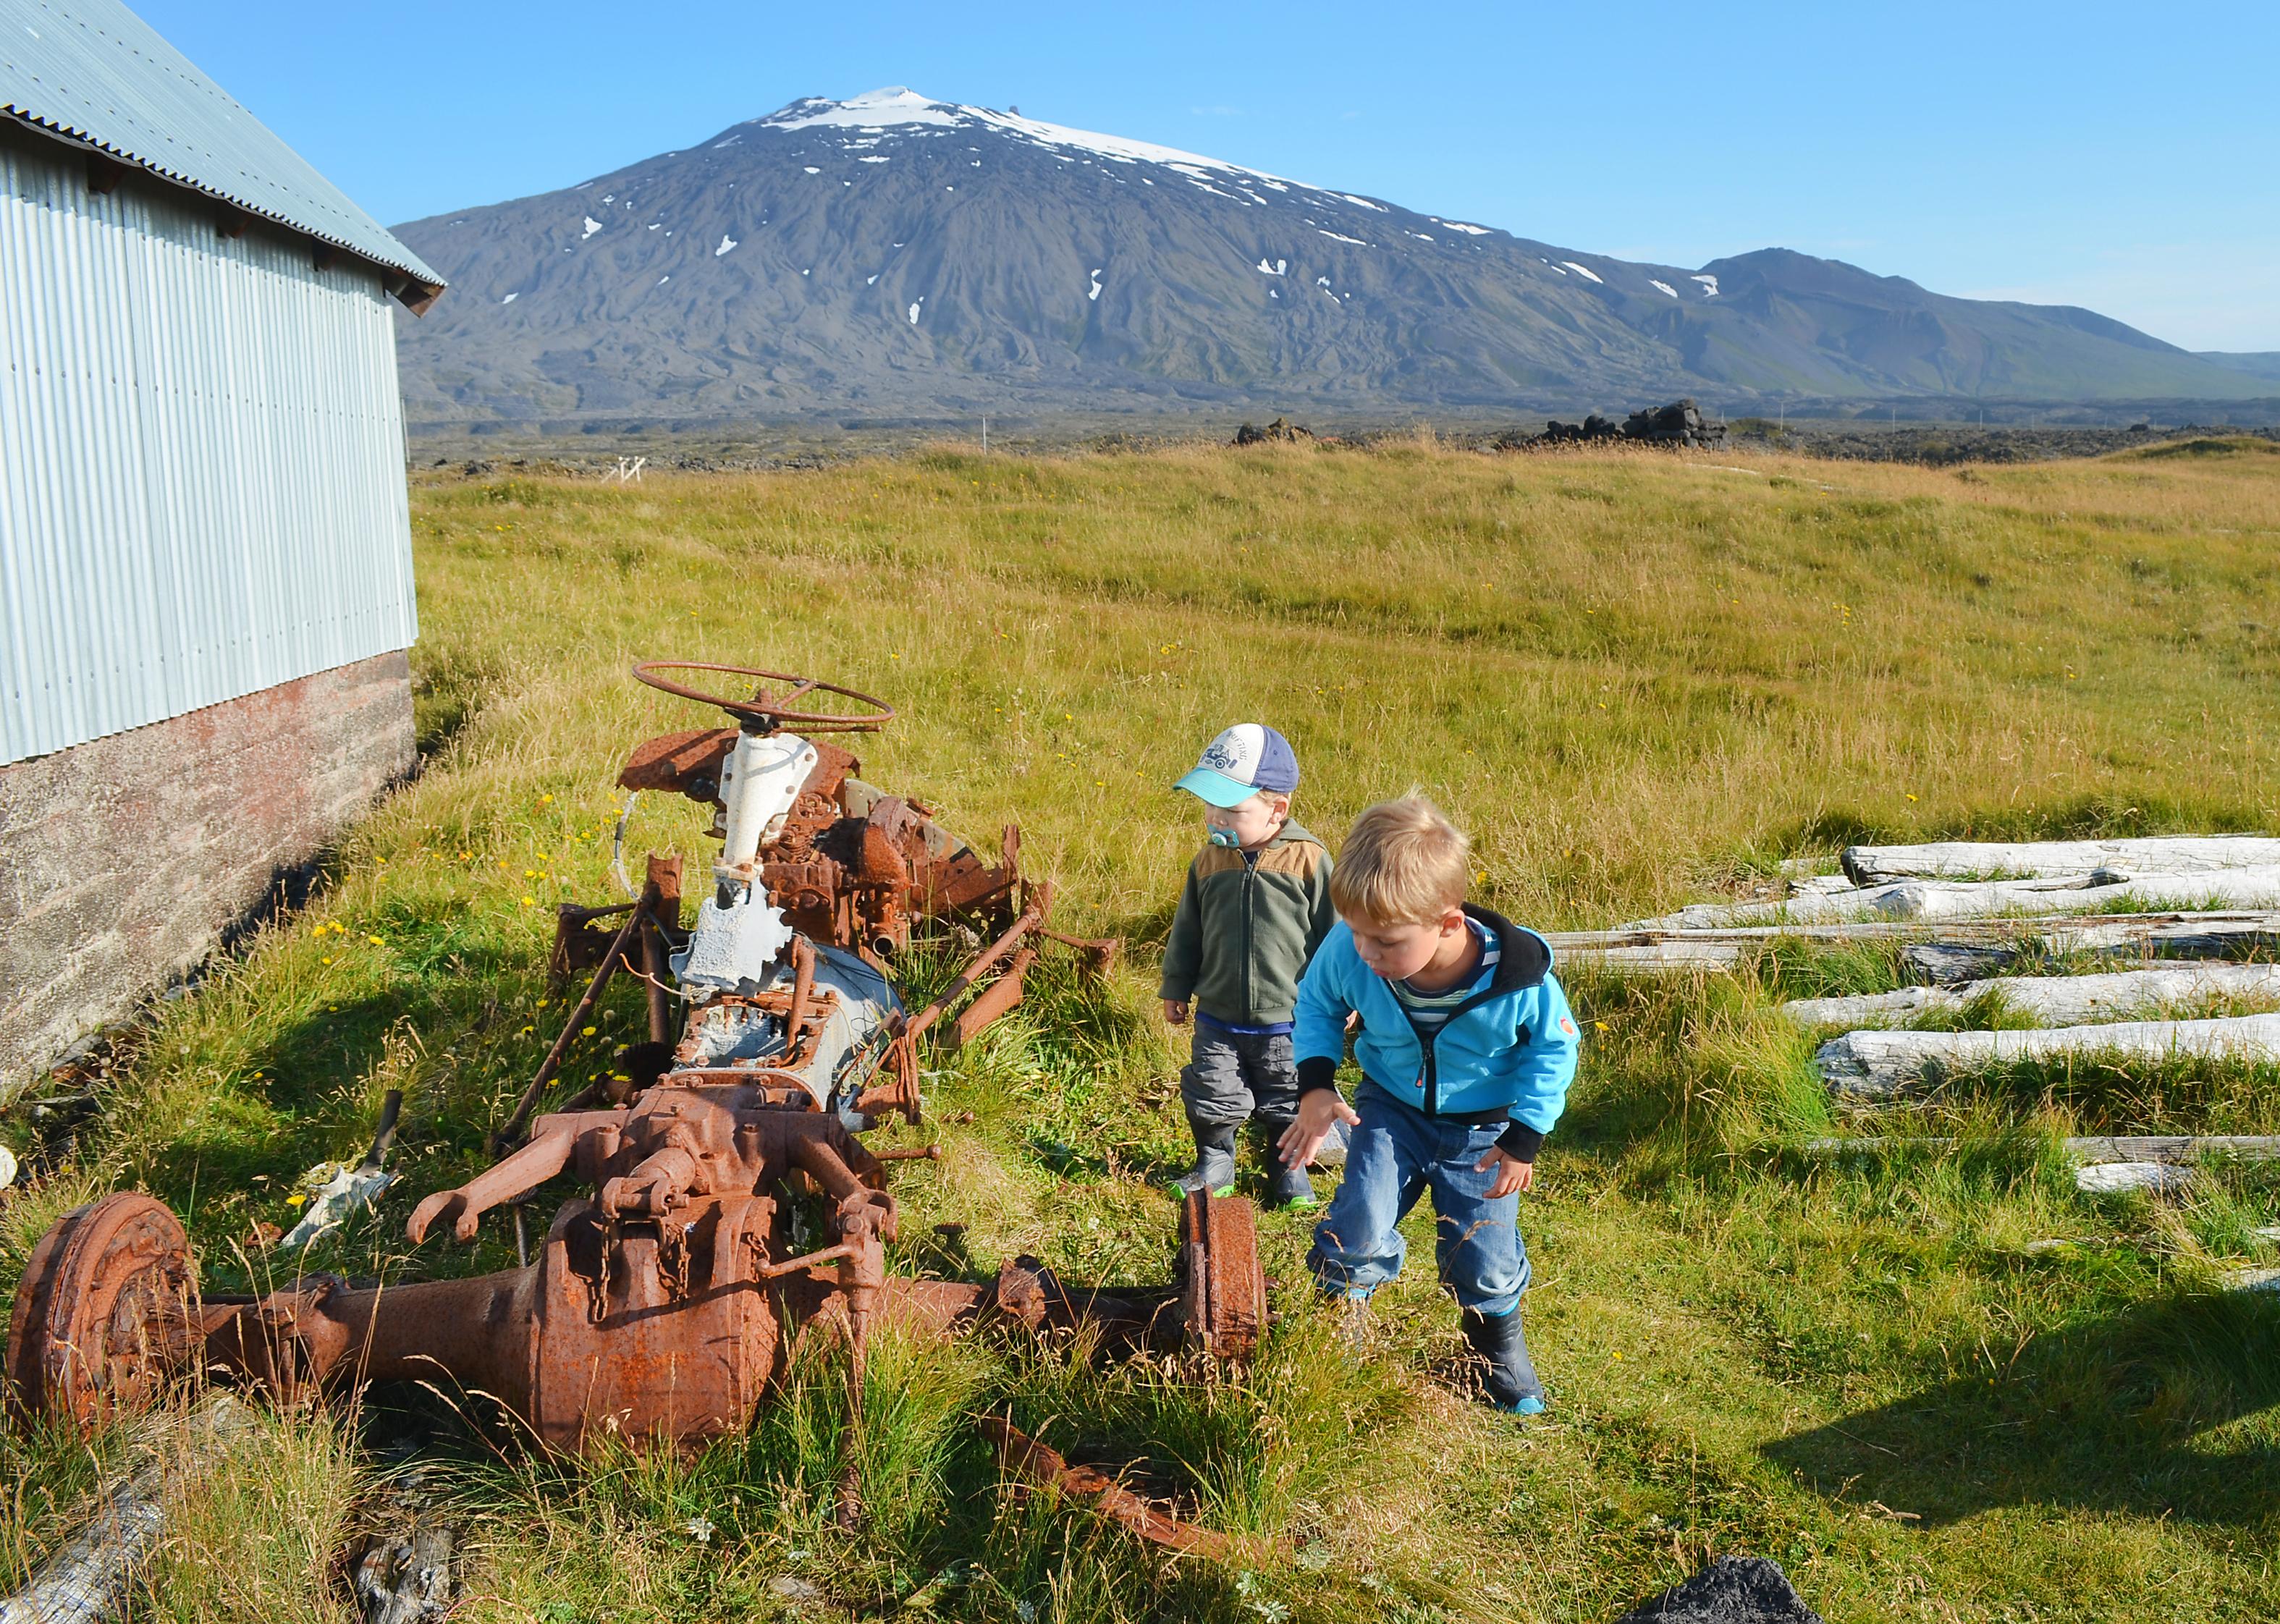 Kinder spielen und entdecken einen alten verrosteten Traktor